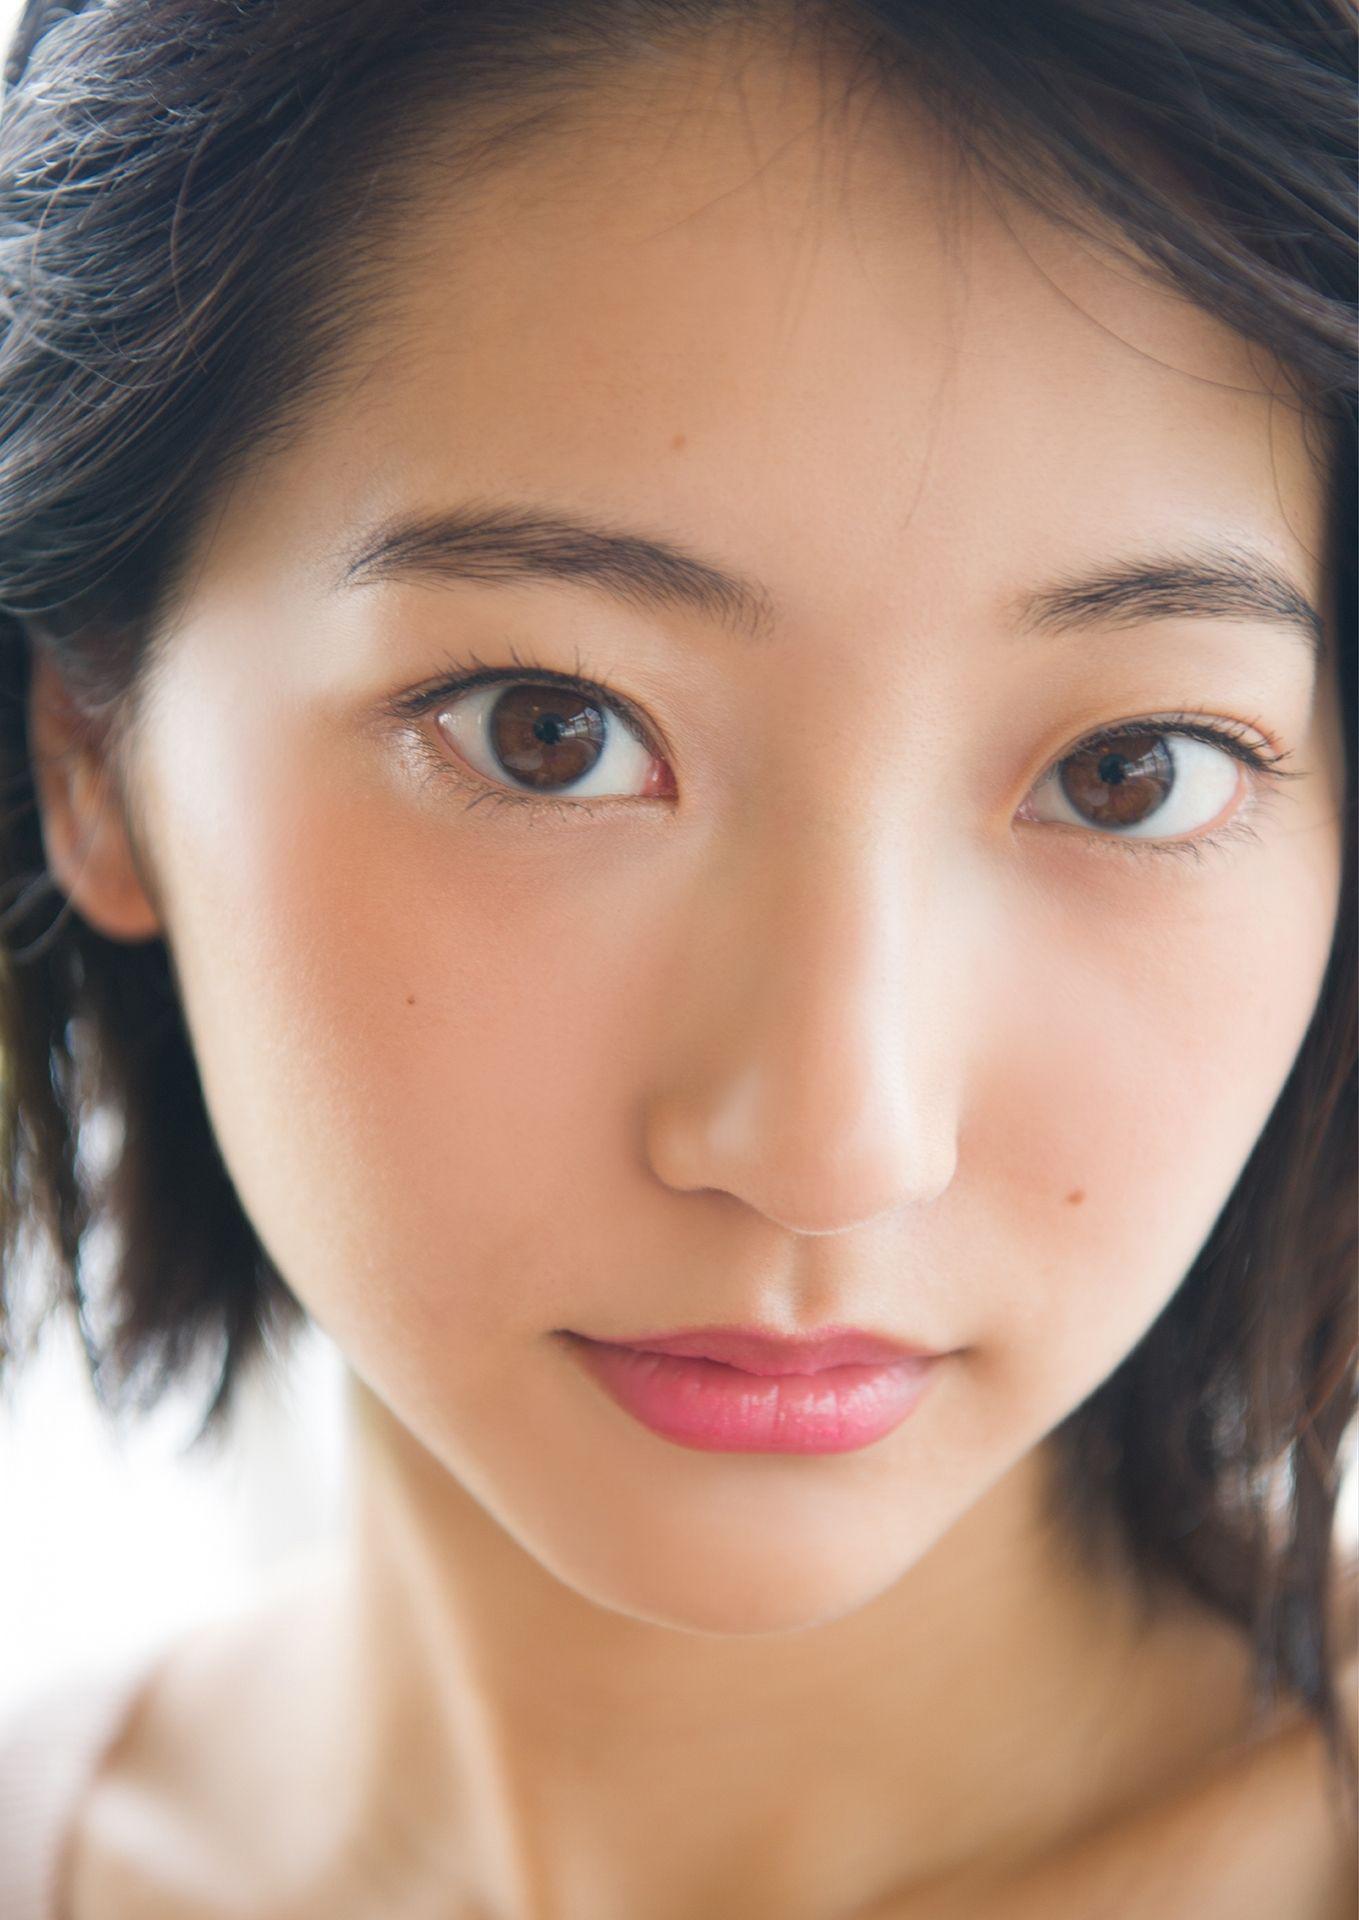 武田玲奈 デジタル写真集「玲奈の夏バカンス」13